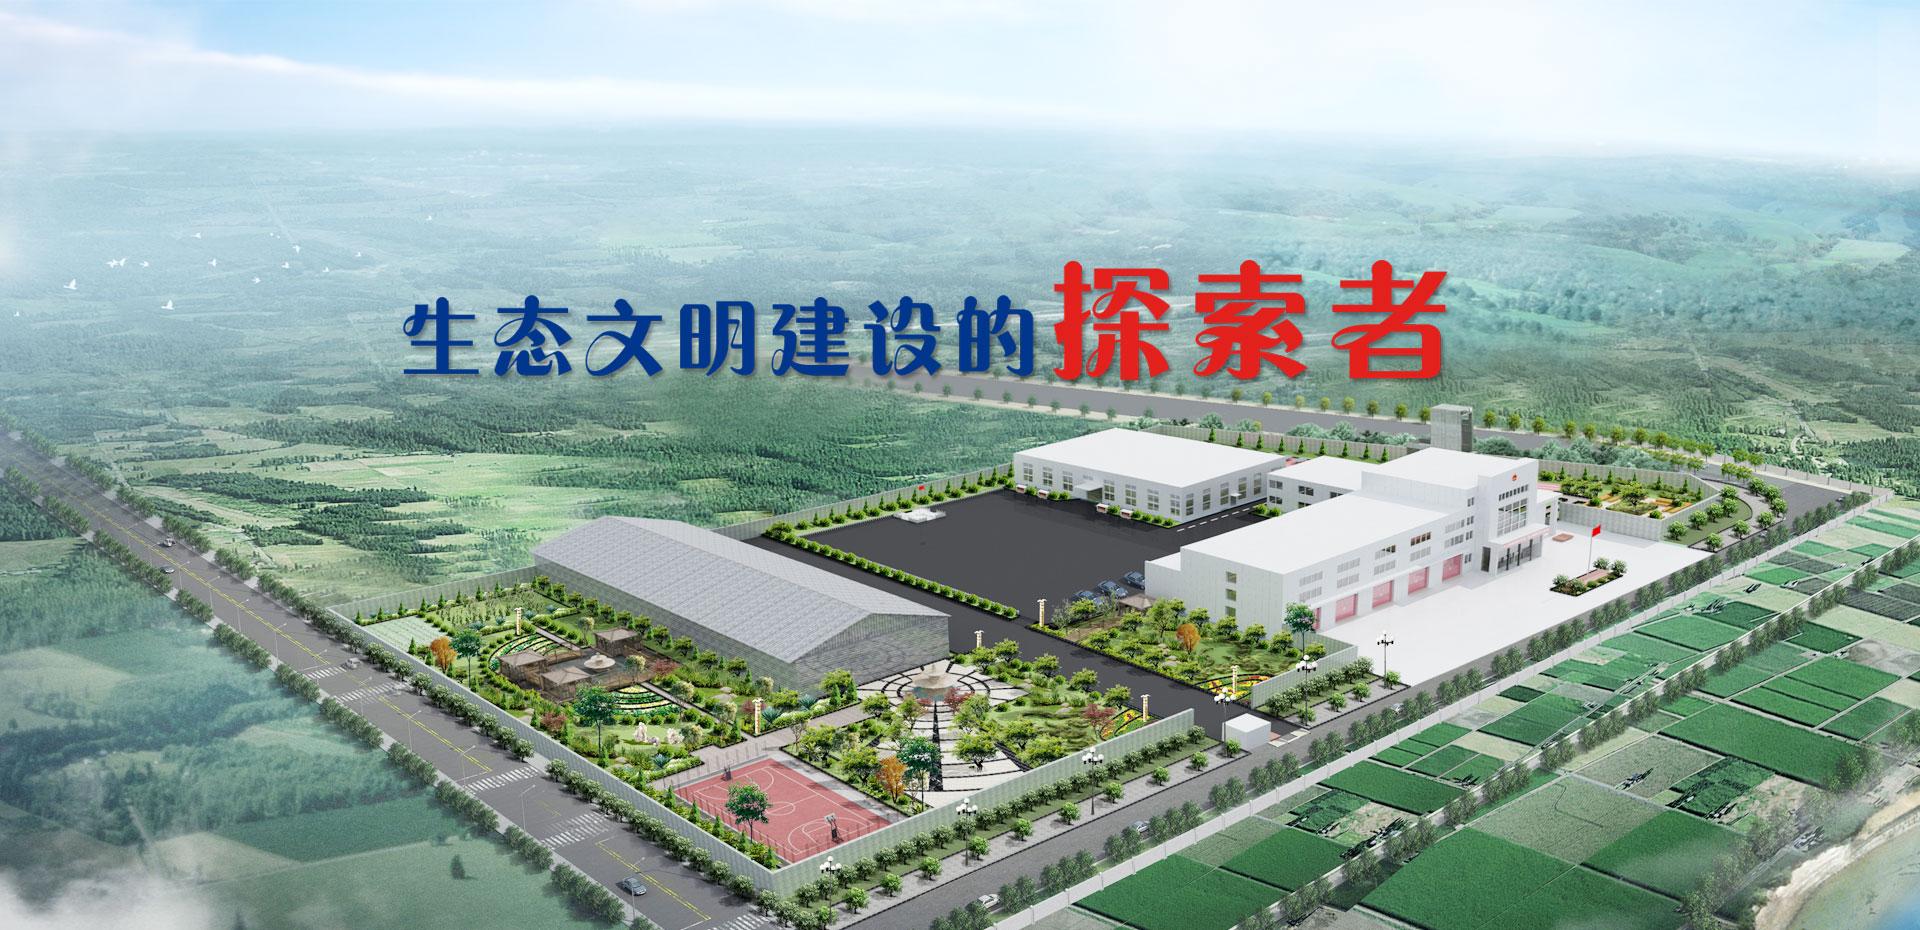 武漢瑞得信息工程有限責任公司